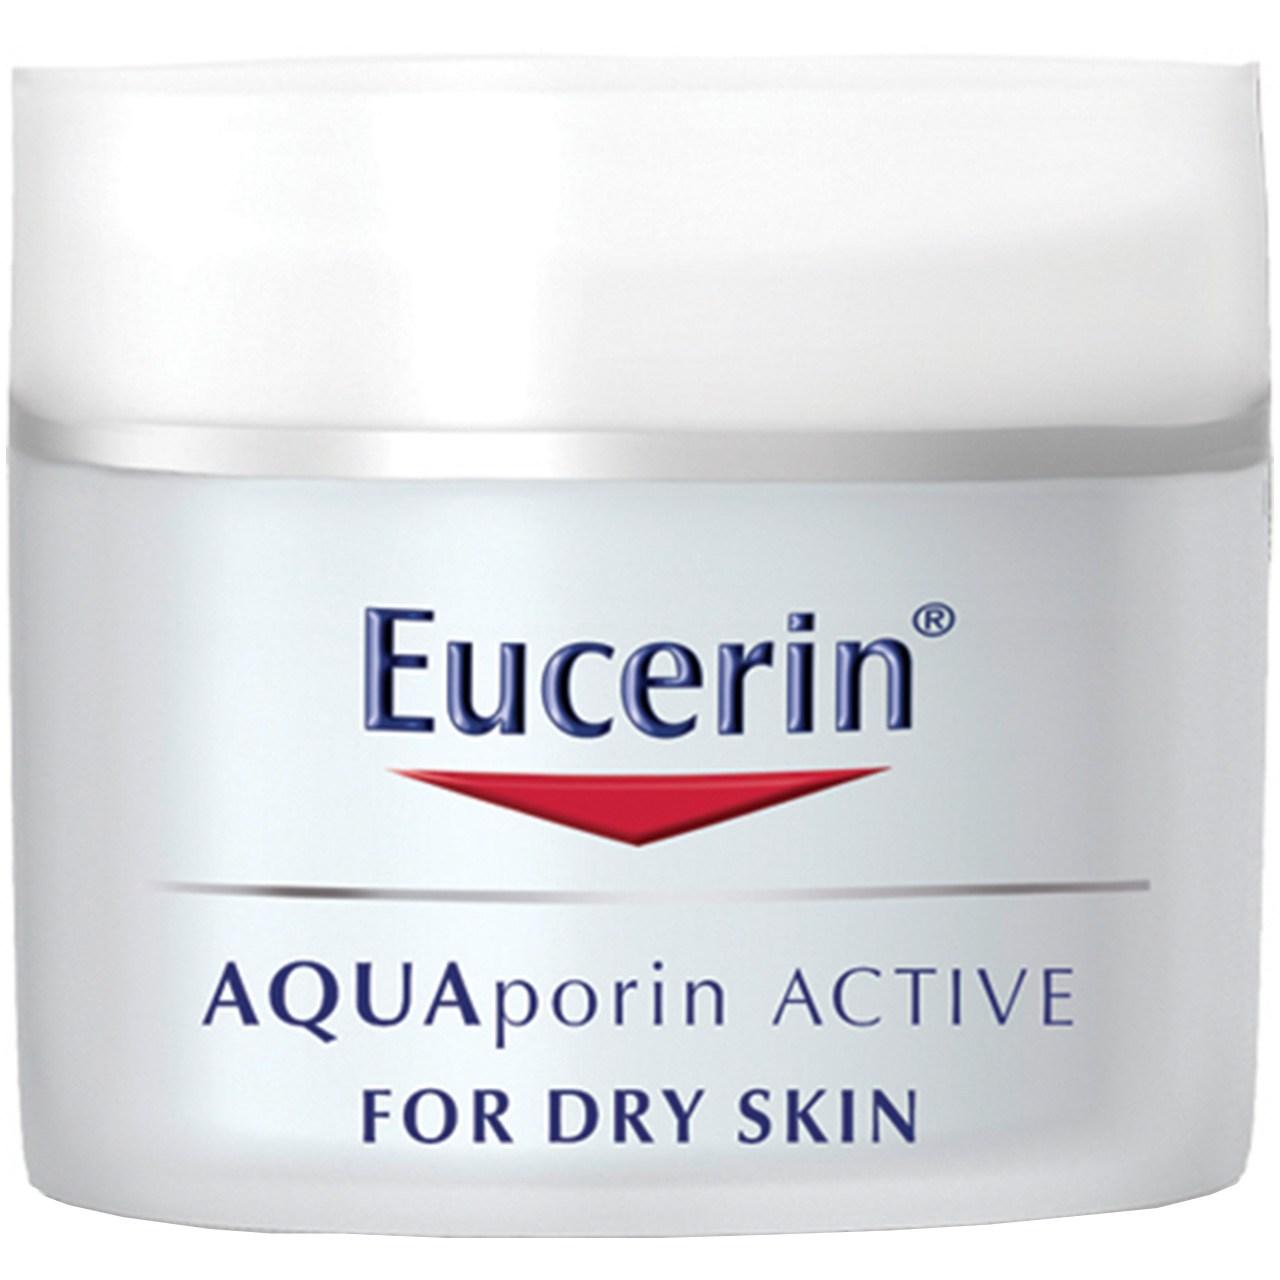 قیمت کرم مرطوب کننده و آبرسان اوسرین سری Sensitive Skin مدل Aquaporin Active حجم 50 میلی لیتر